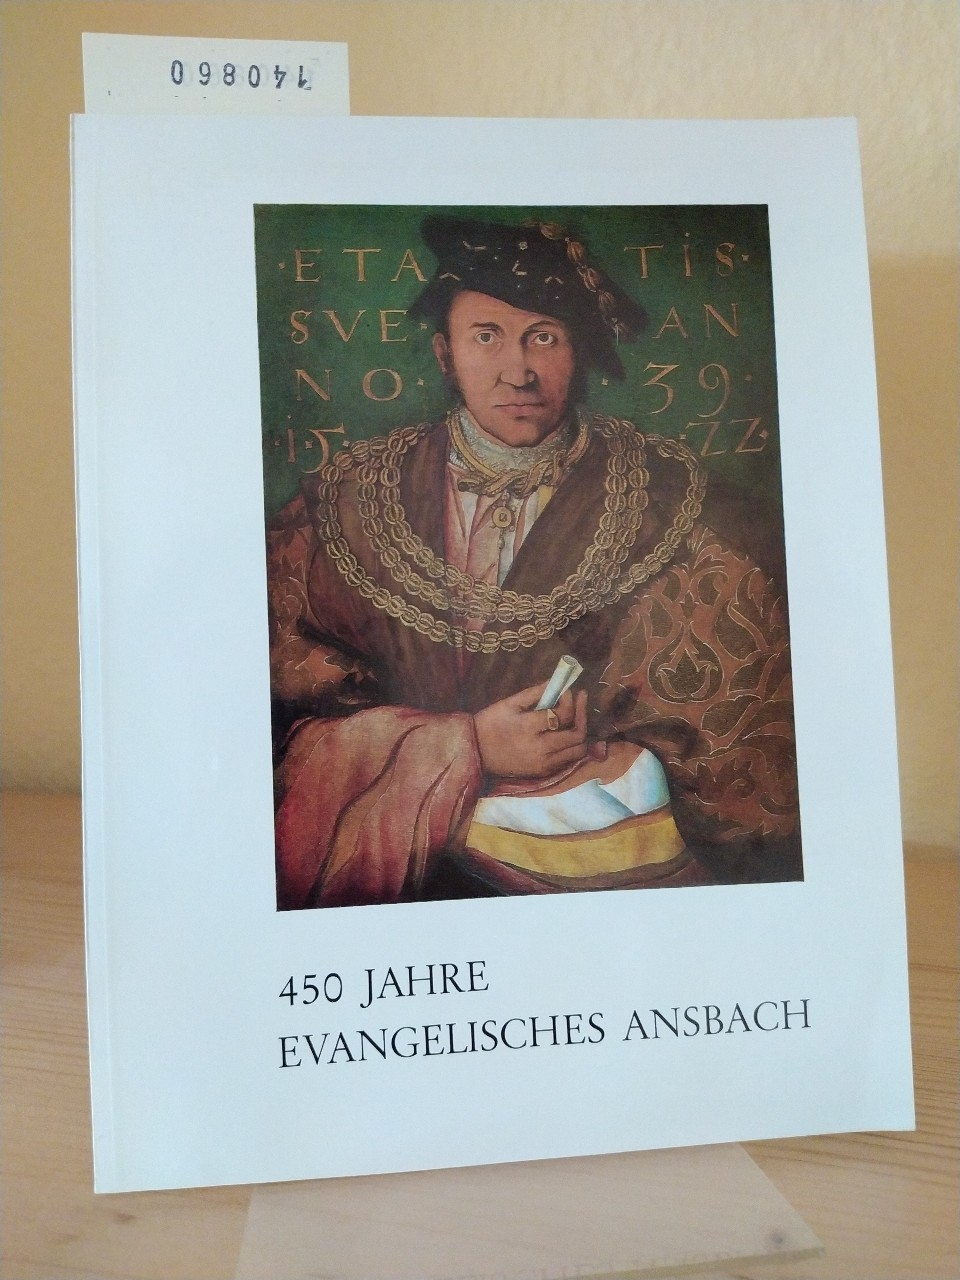 450 Jahre evangelisches Ansbach. In der Karlshalle in Ansbach, 6. März - 9. April 1978. [Herausgegeben vom Evang.-Luth. Dekant Ansbach]. (= Ausstellung des Landeskirchlichen Archivs).